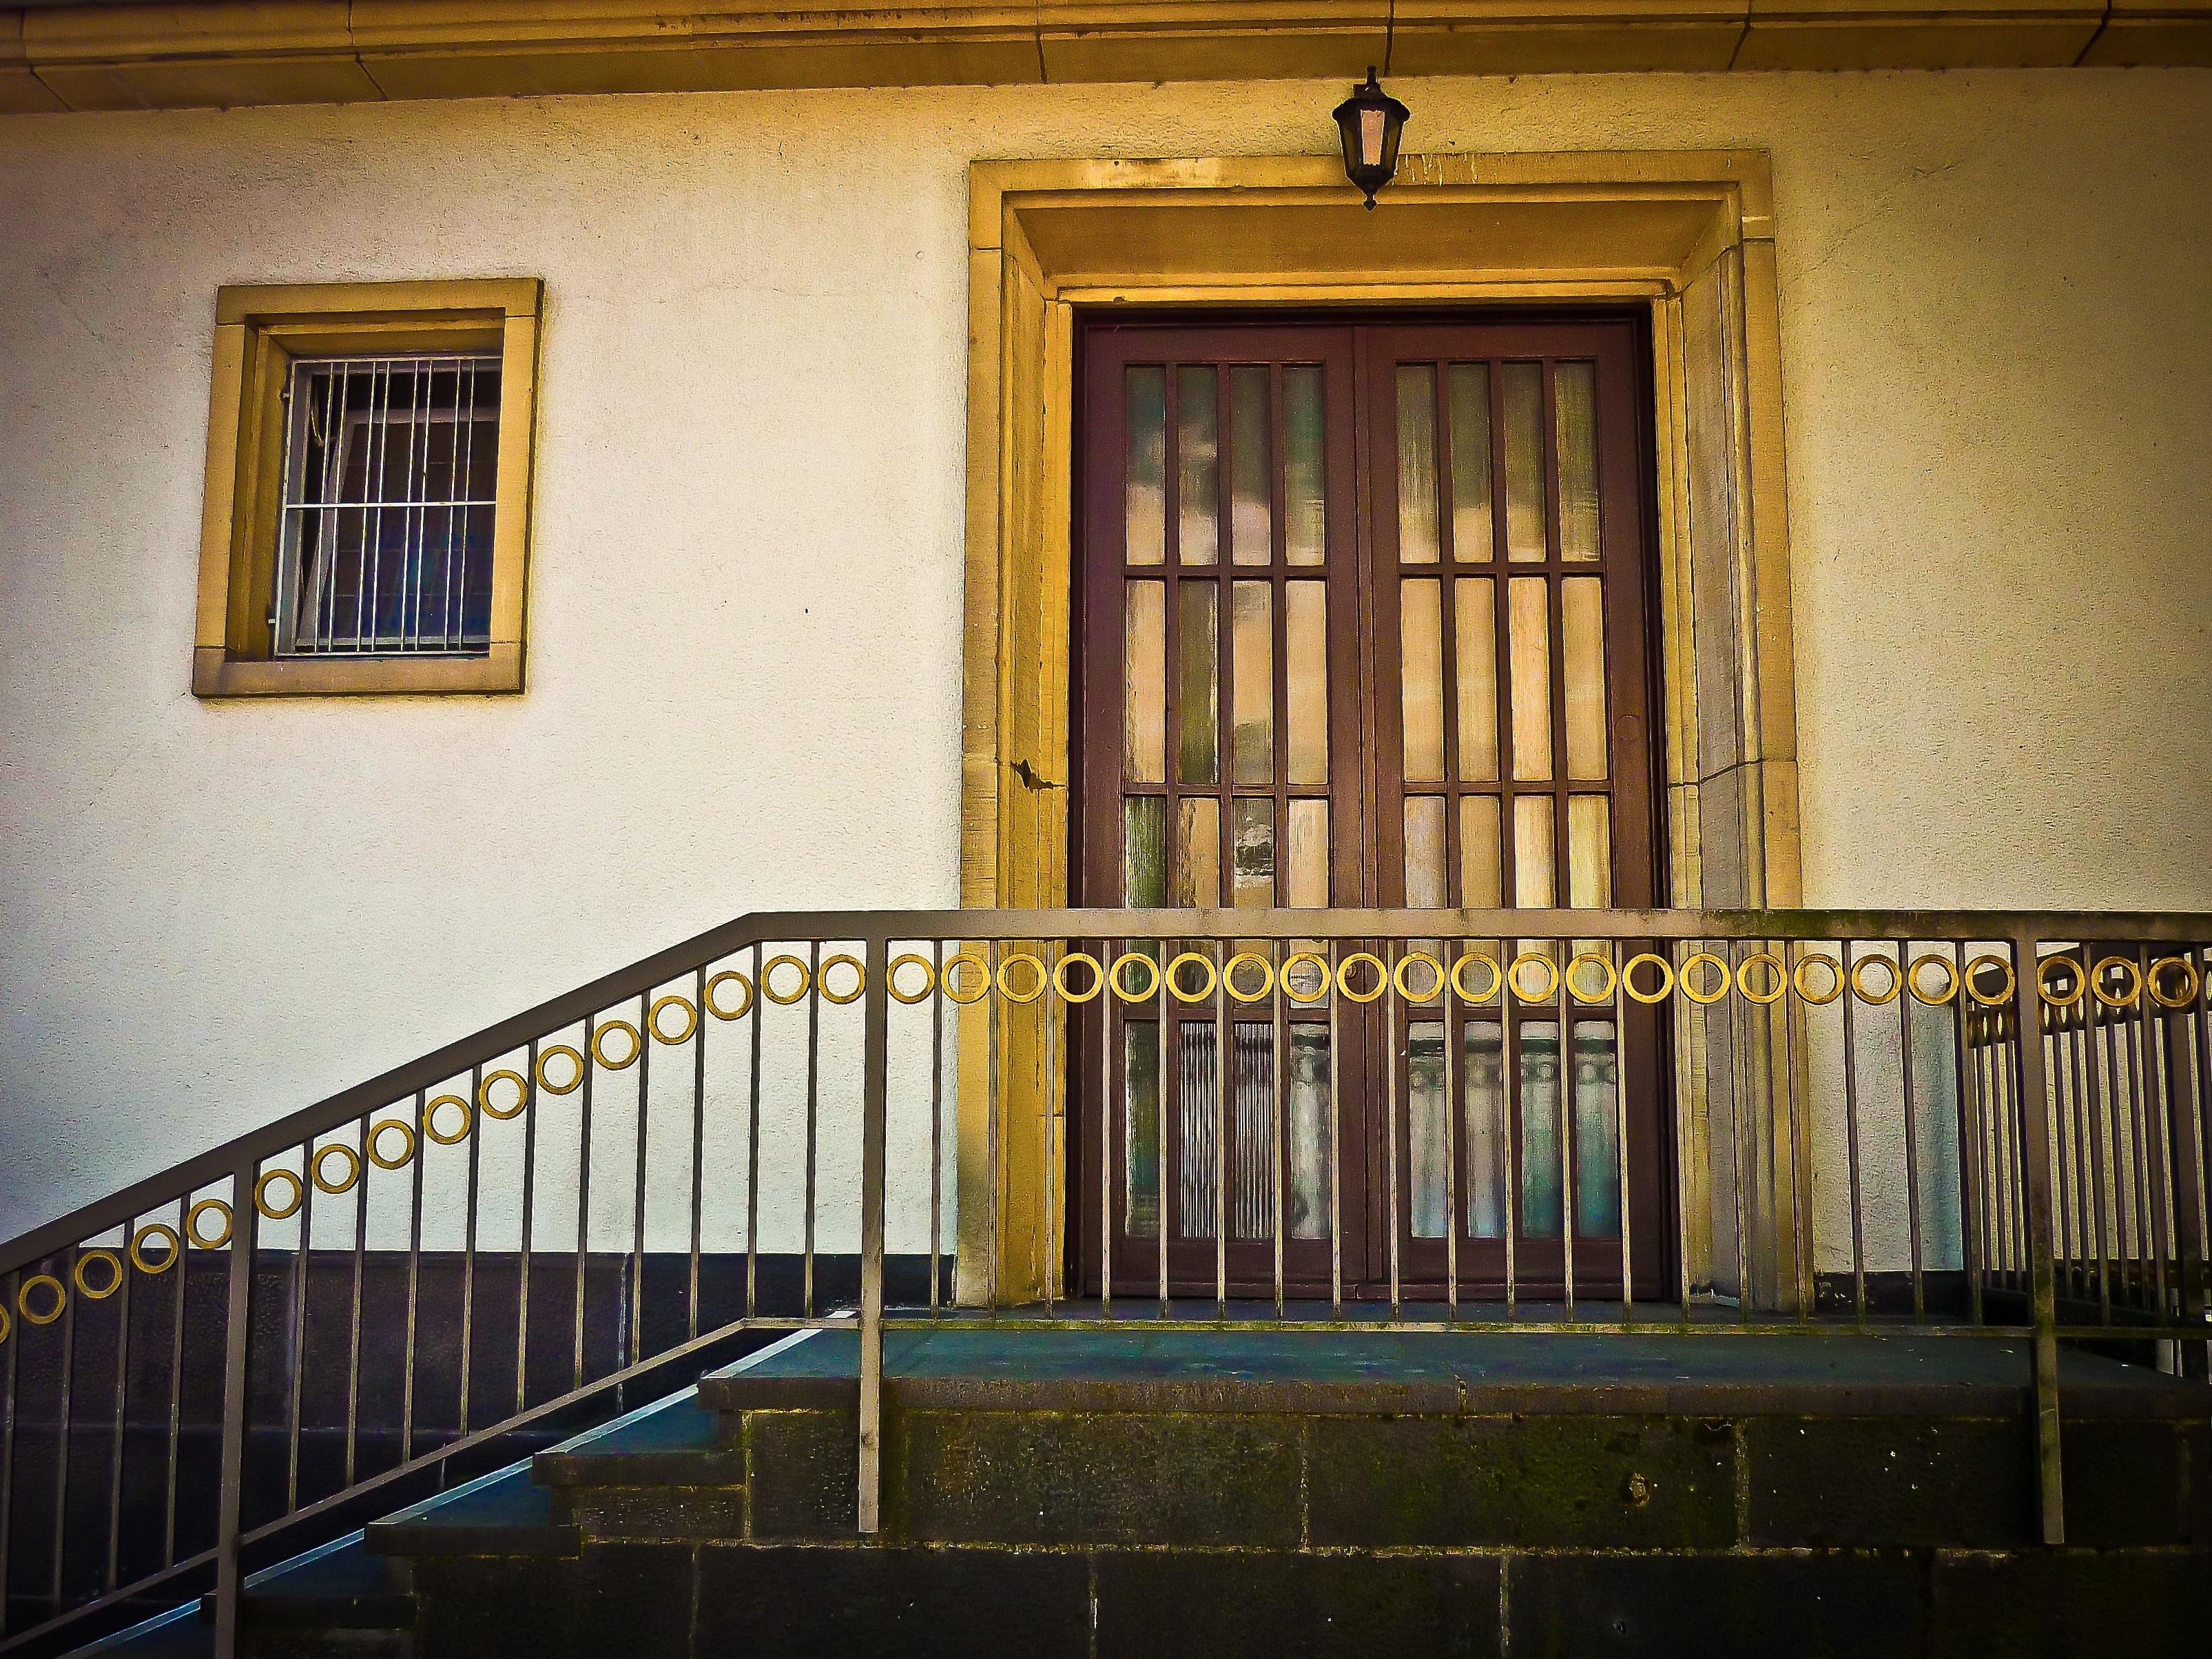 Images gratuites architecture bois cru fen tre for Balcon facade maison